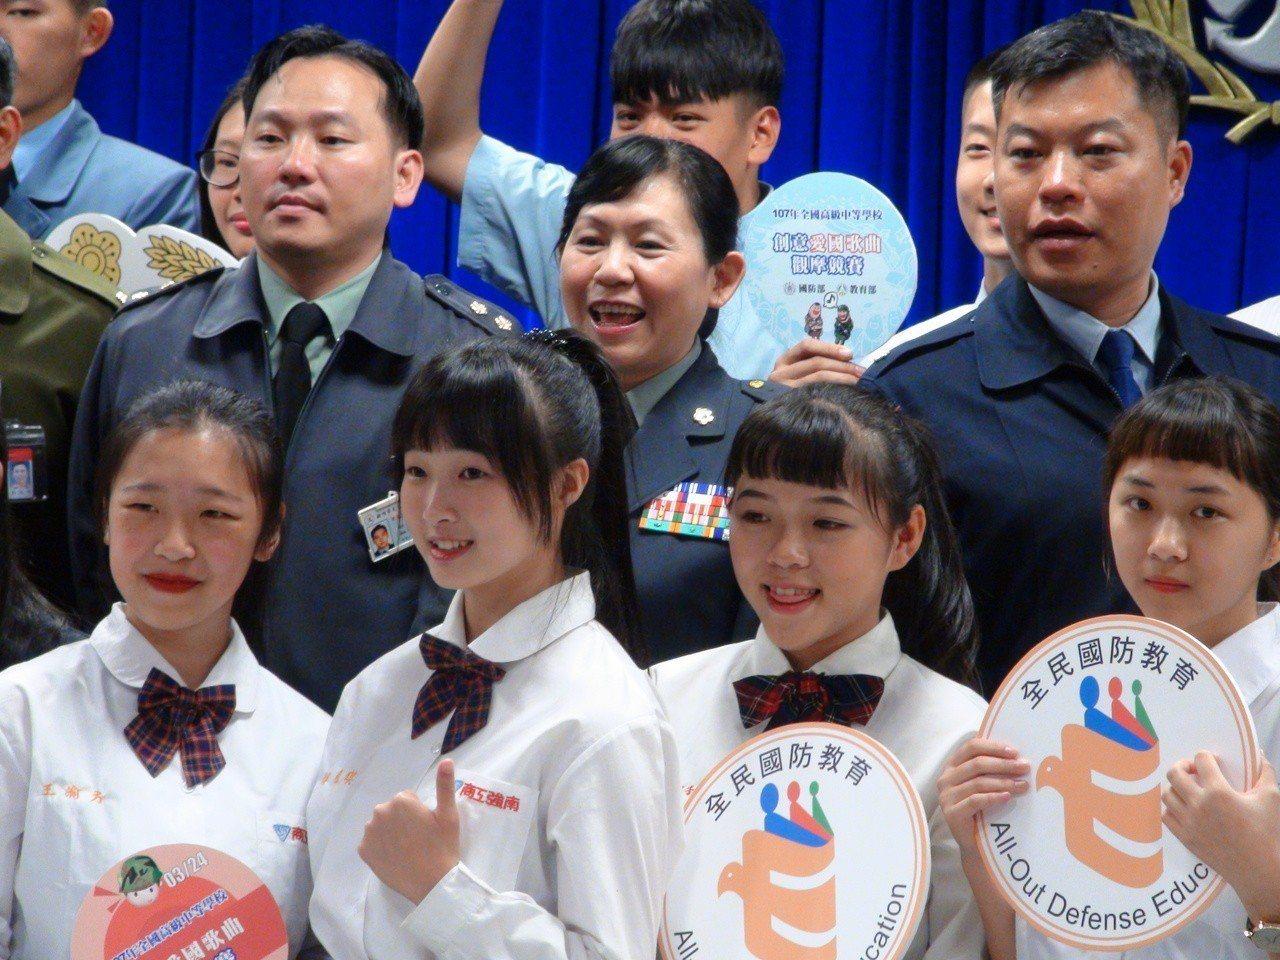 國防部將在本周六(24日)舉行「全國高級中等學校學生創意愛國歌曲觀摩競賽」,同時...